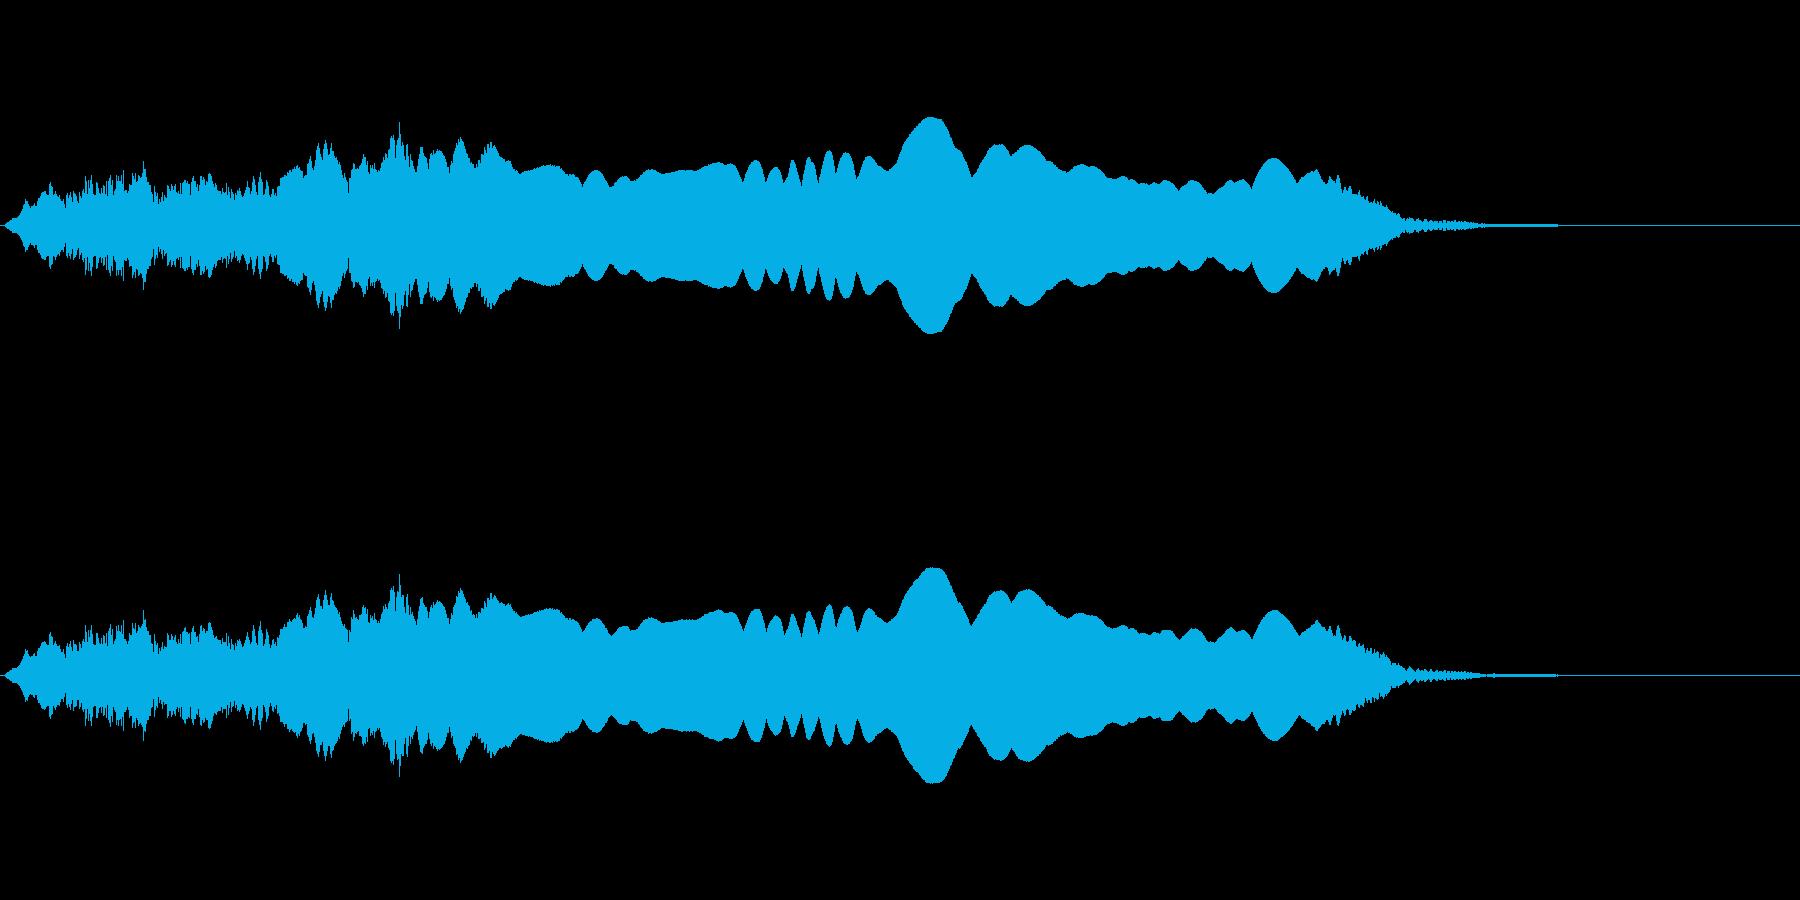 ウゥゥーーーー(サイレン・警報)の再生済みの波形